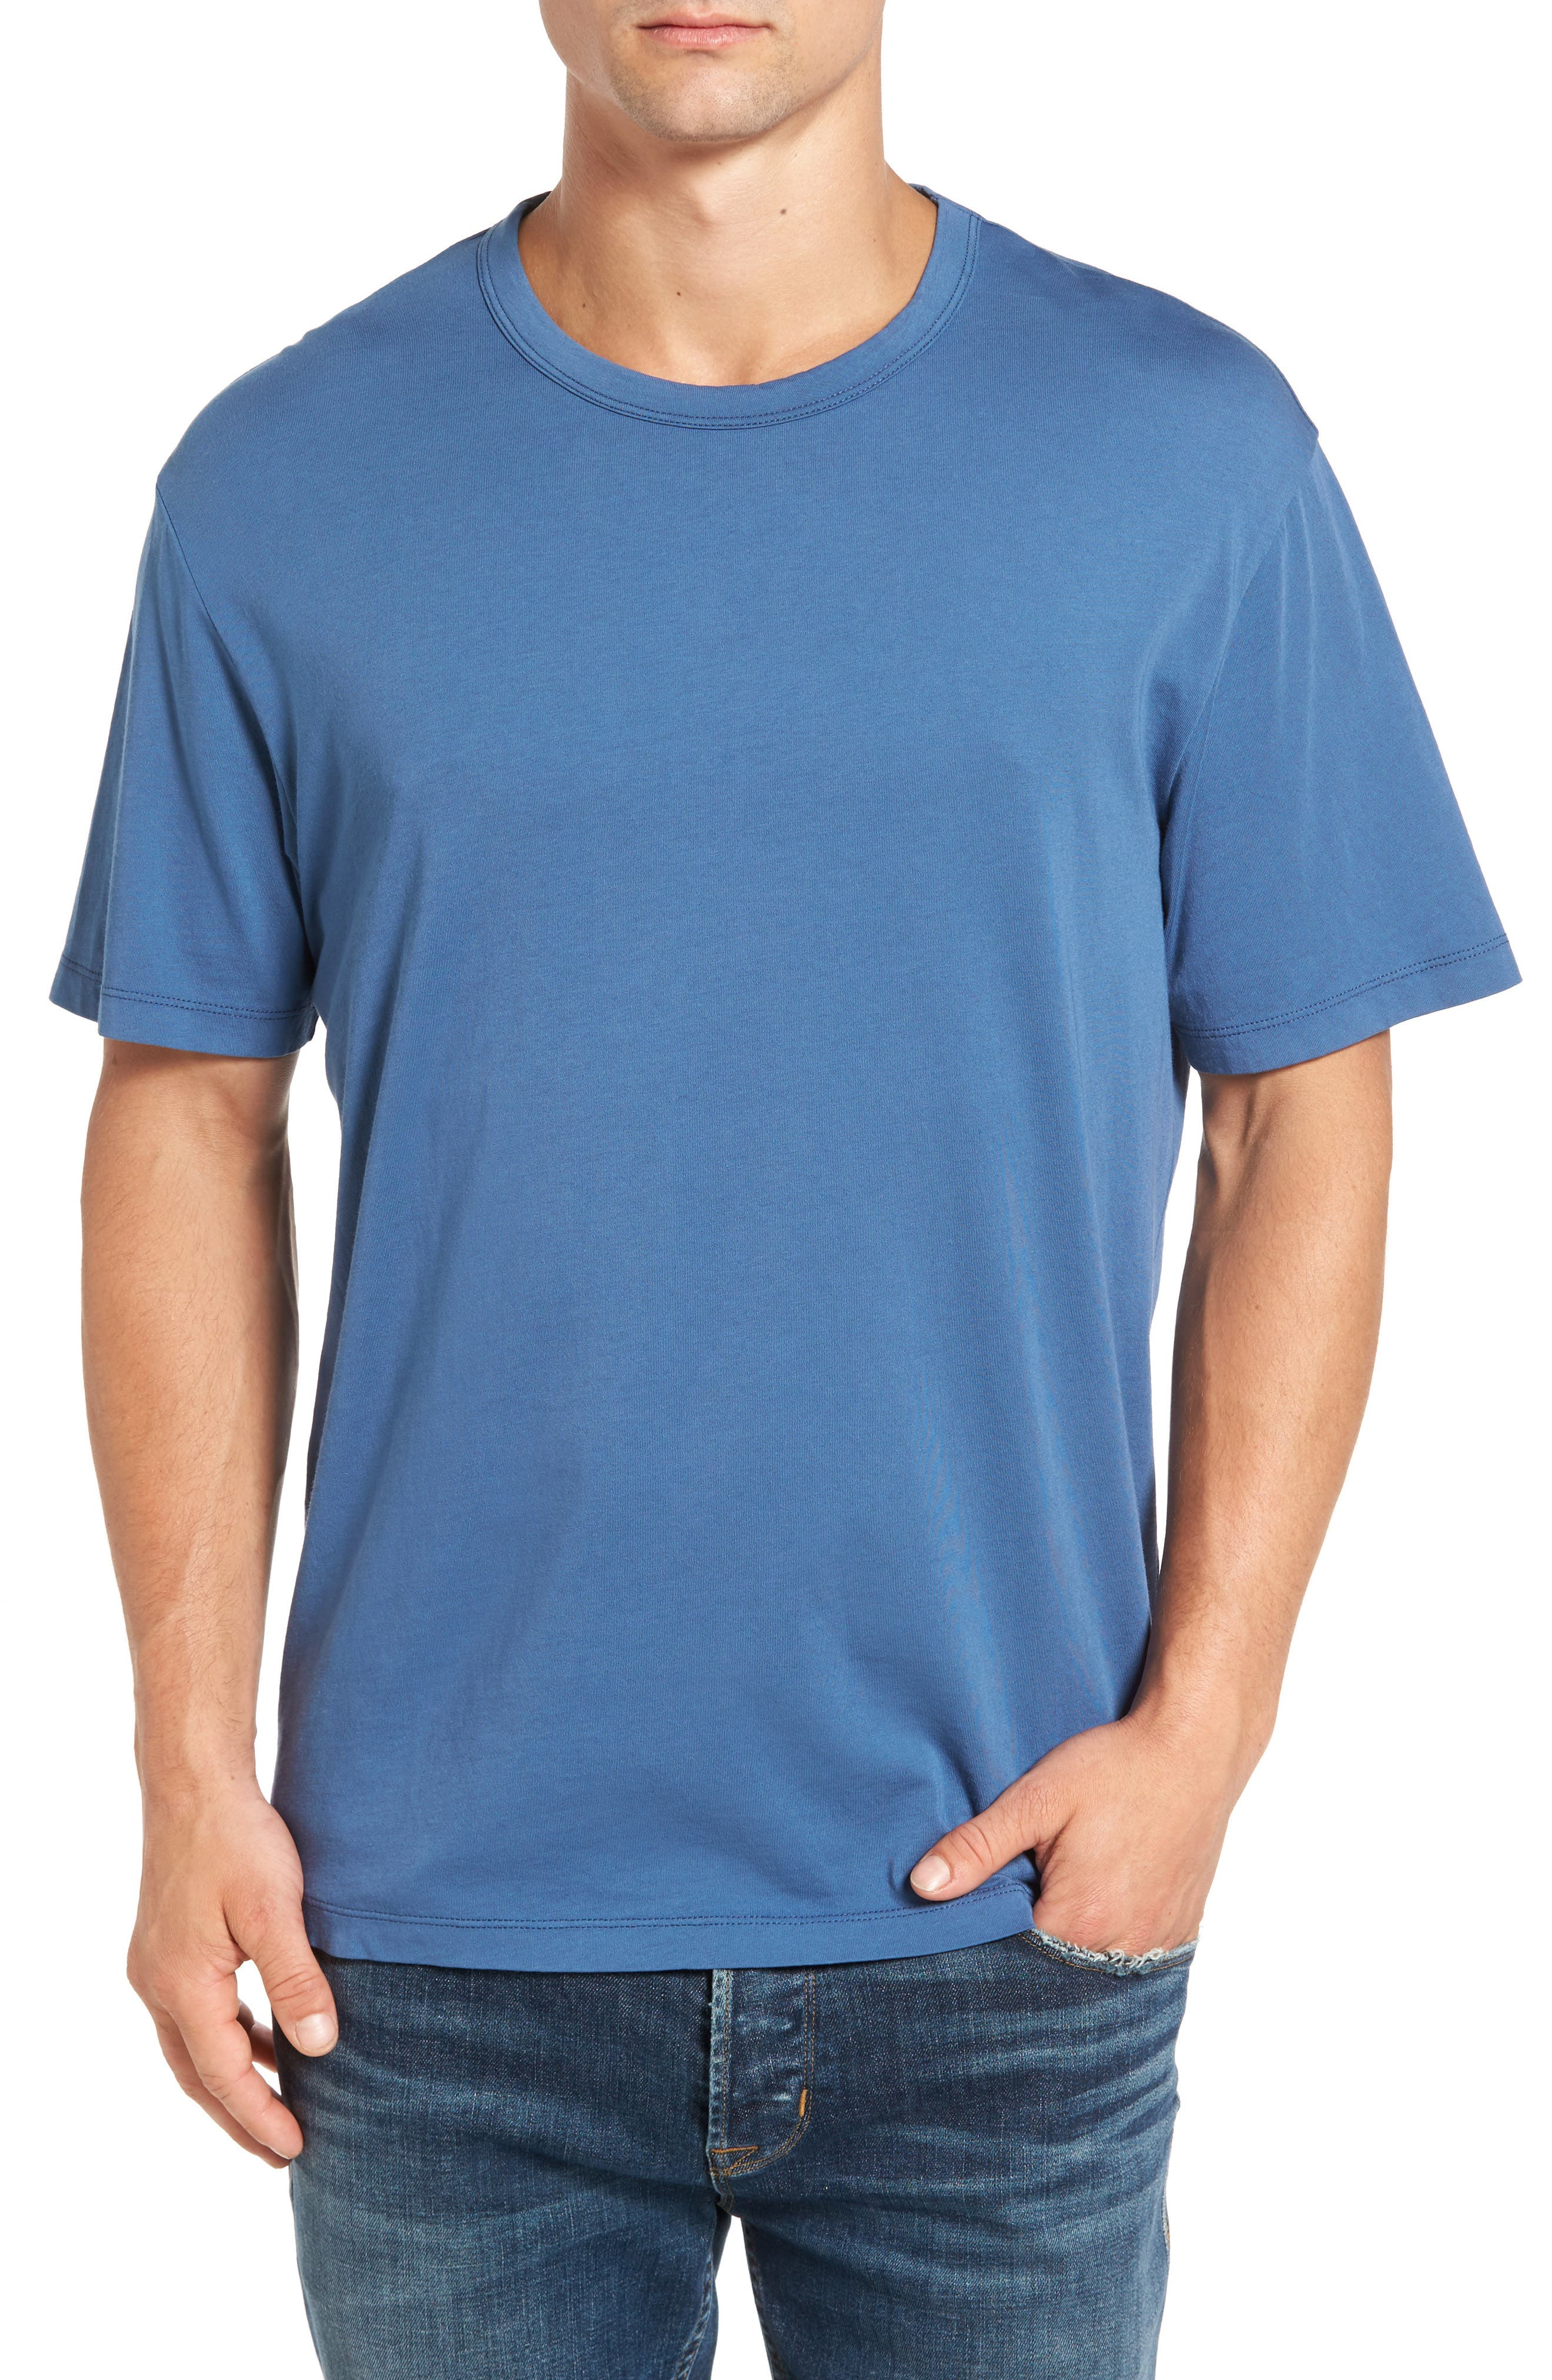 Spinnaker Bay Sports Fit Crewneck T-Shirt,                             Main thumbnail 3, color,